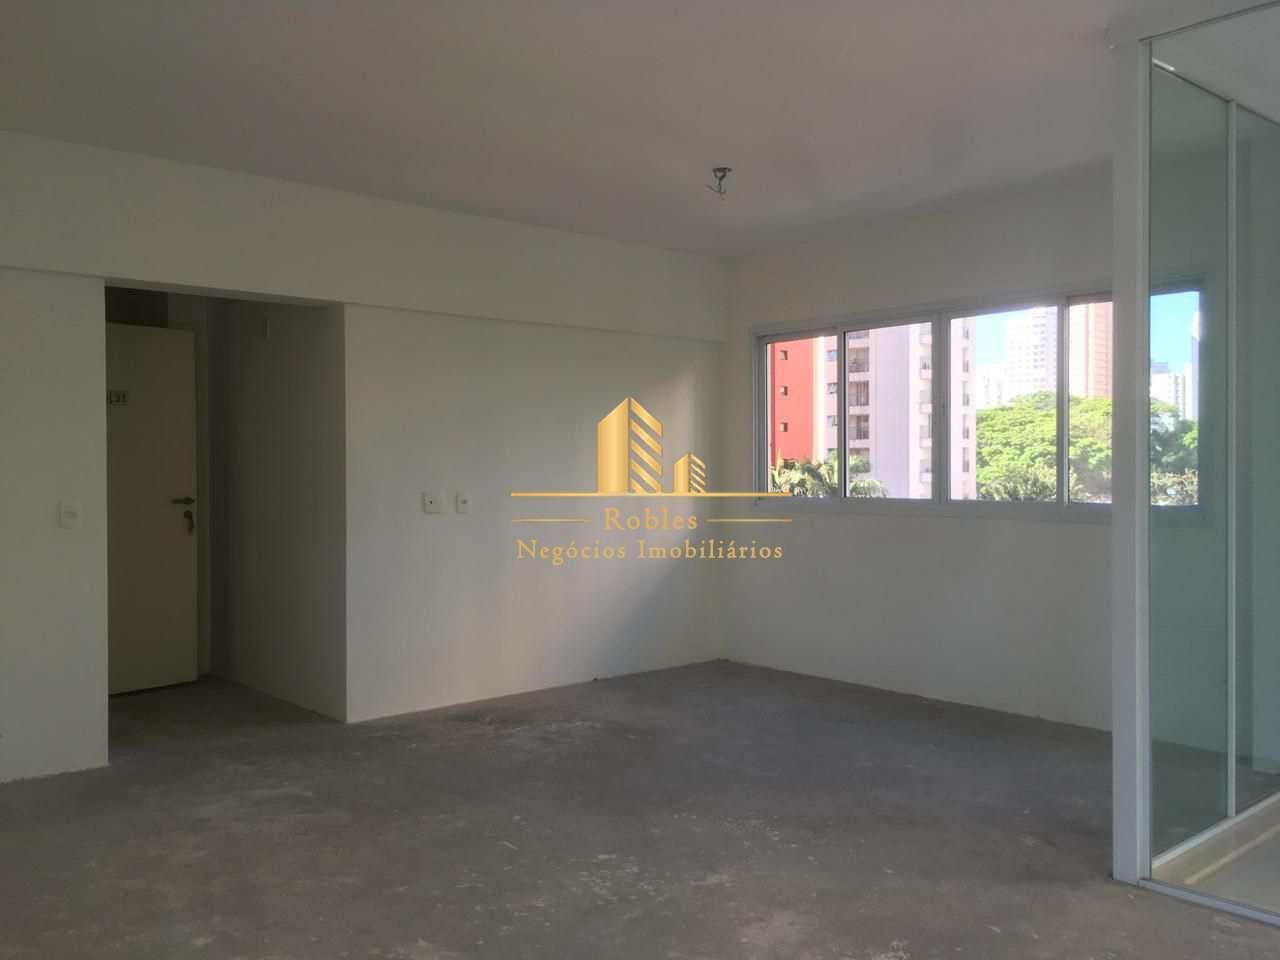 Apartamento com 3 dorms, Vila Nova Conceição, São Paulo - R$ 2.55 mi, Cod: 773